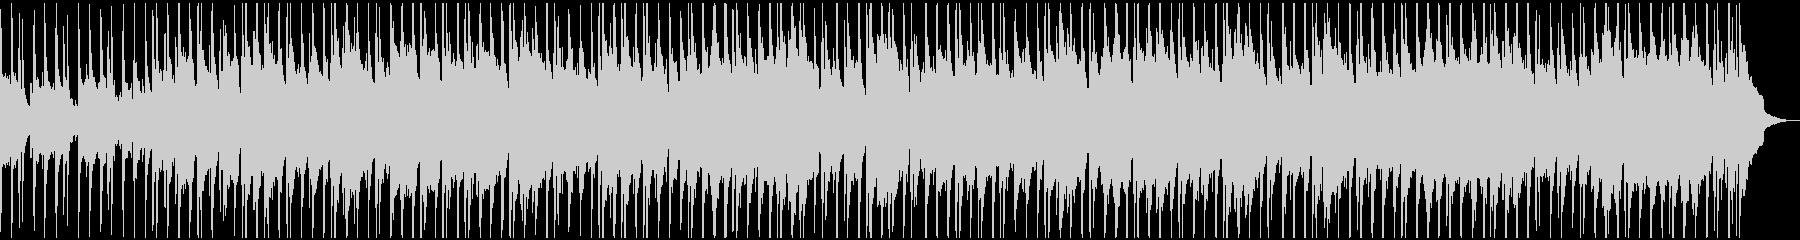 ウクレレ、ハンドクラップ、ピアノ、...の未再生の波形